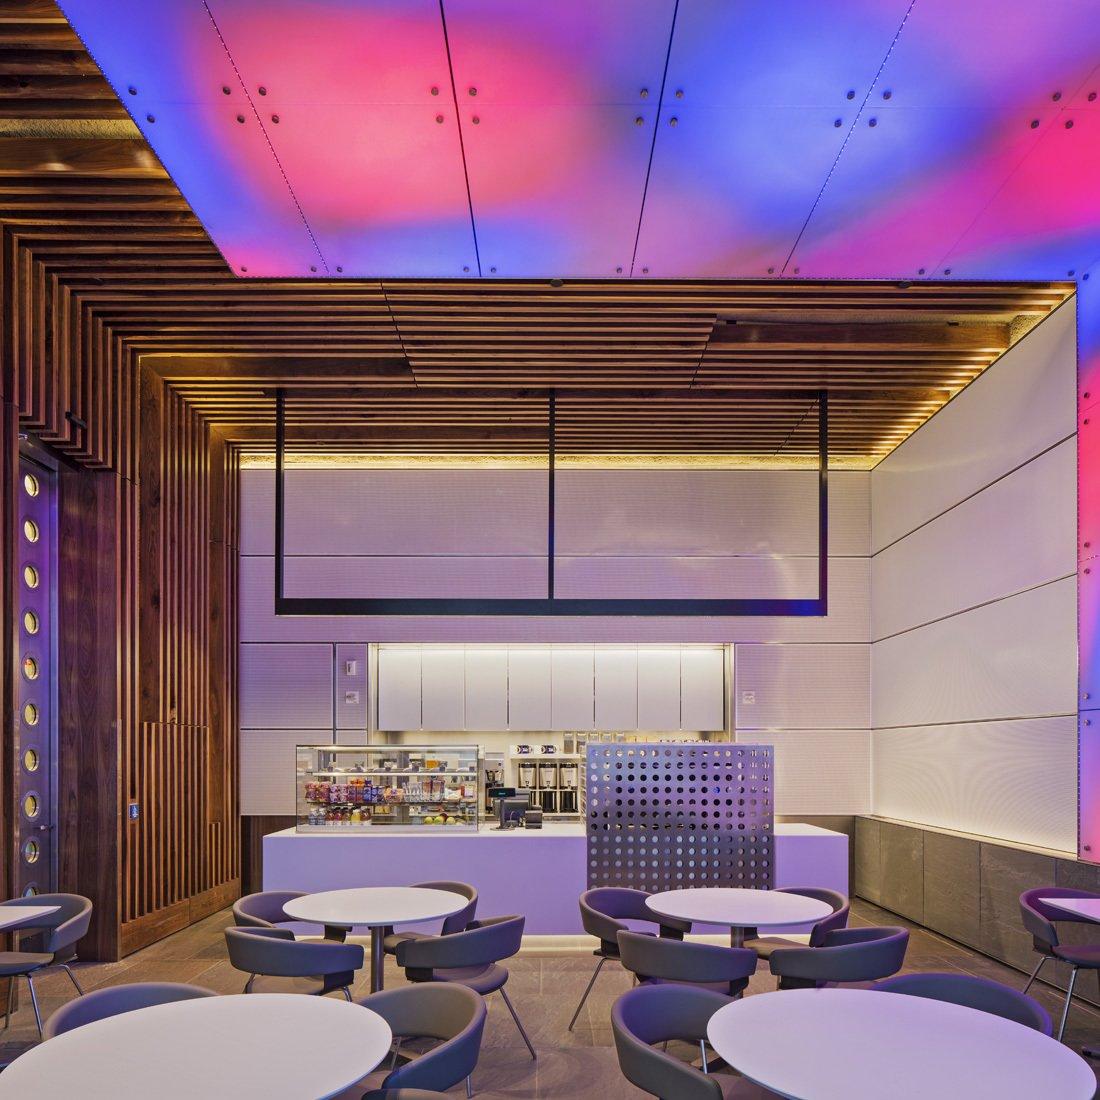 Terrain à l'Université de Yale par les architectes de Bentel et Bentel <br> <br> Les surfaces de béton d'origine sont intentionnellement visibles par les voiles de l'intervention matérielle par respect pour l'exploration unique de Breuer dans son design des possibilités de textures de Un seul matériau.